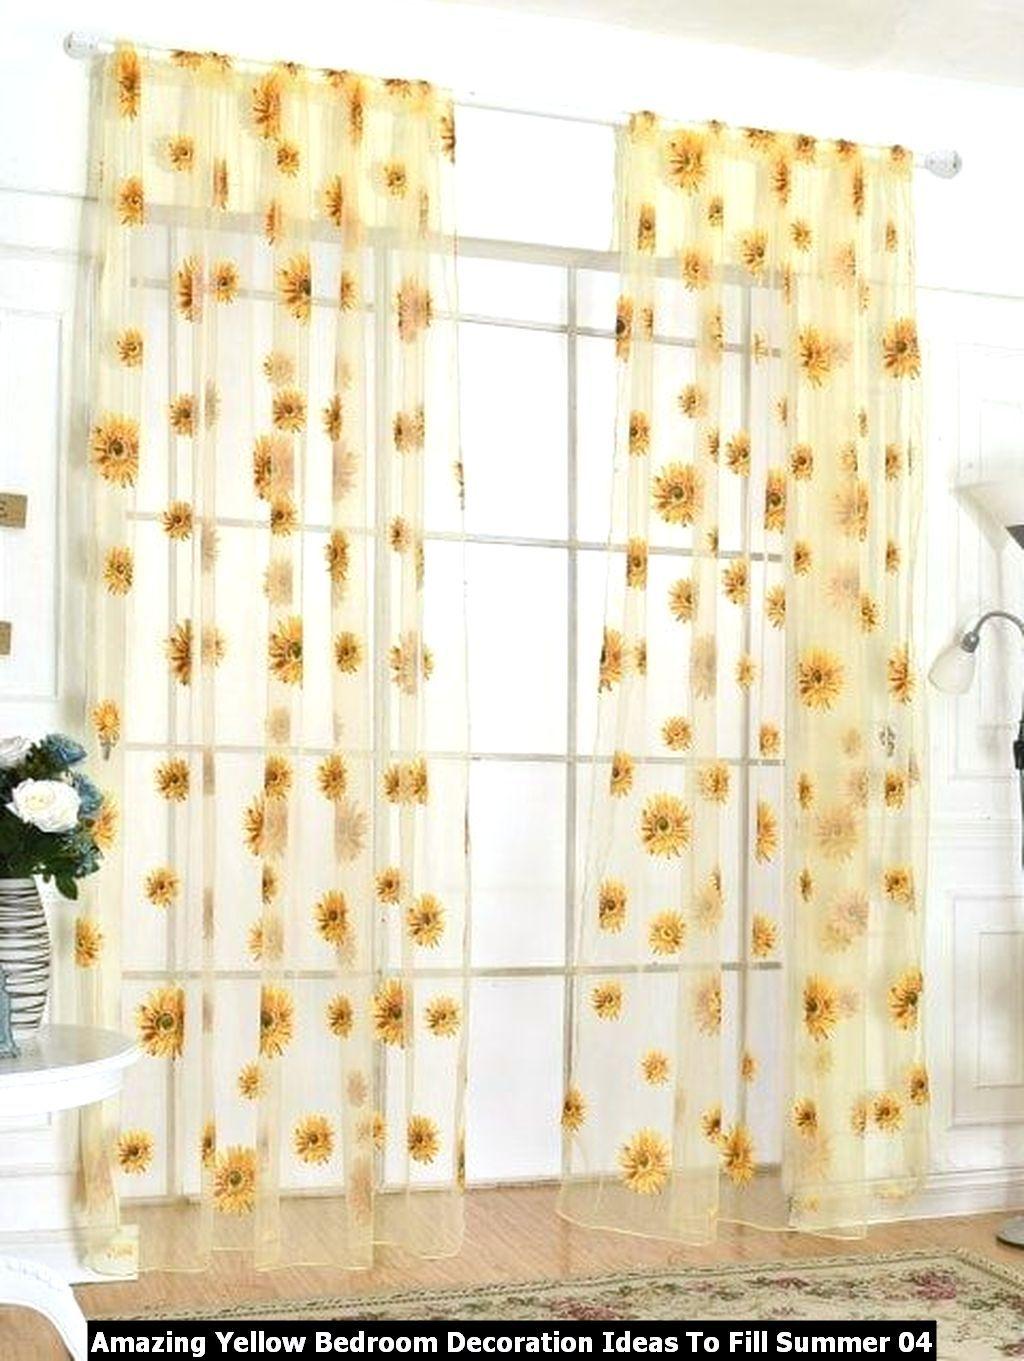 Amazing Yellow Bedroom Decoration Ideas To Fill Summer In 2020 Sunflower Kitchen Decor Sunflower Kitchen Kitchen Decor Walmart